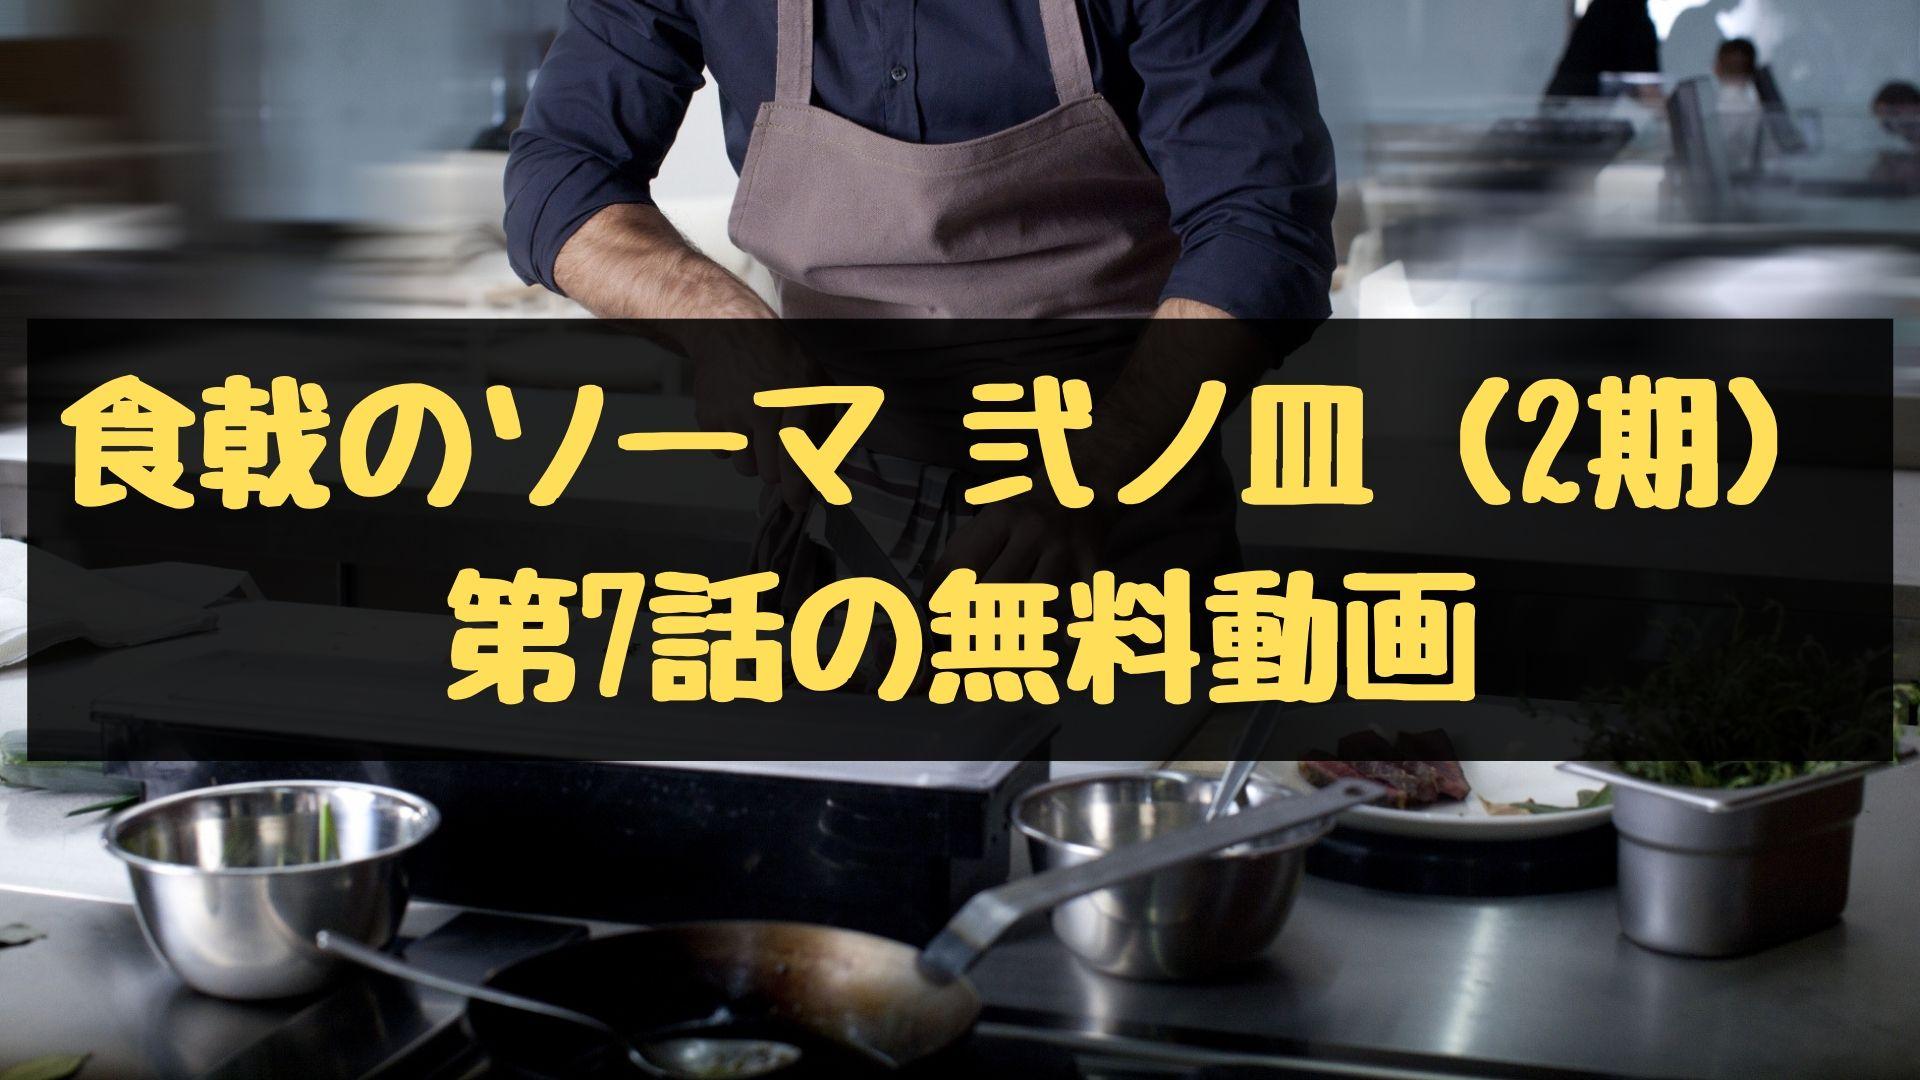 食戟のソーマ 弐ノ皿(2期) 第7話の無料動画